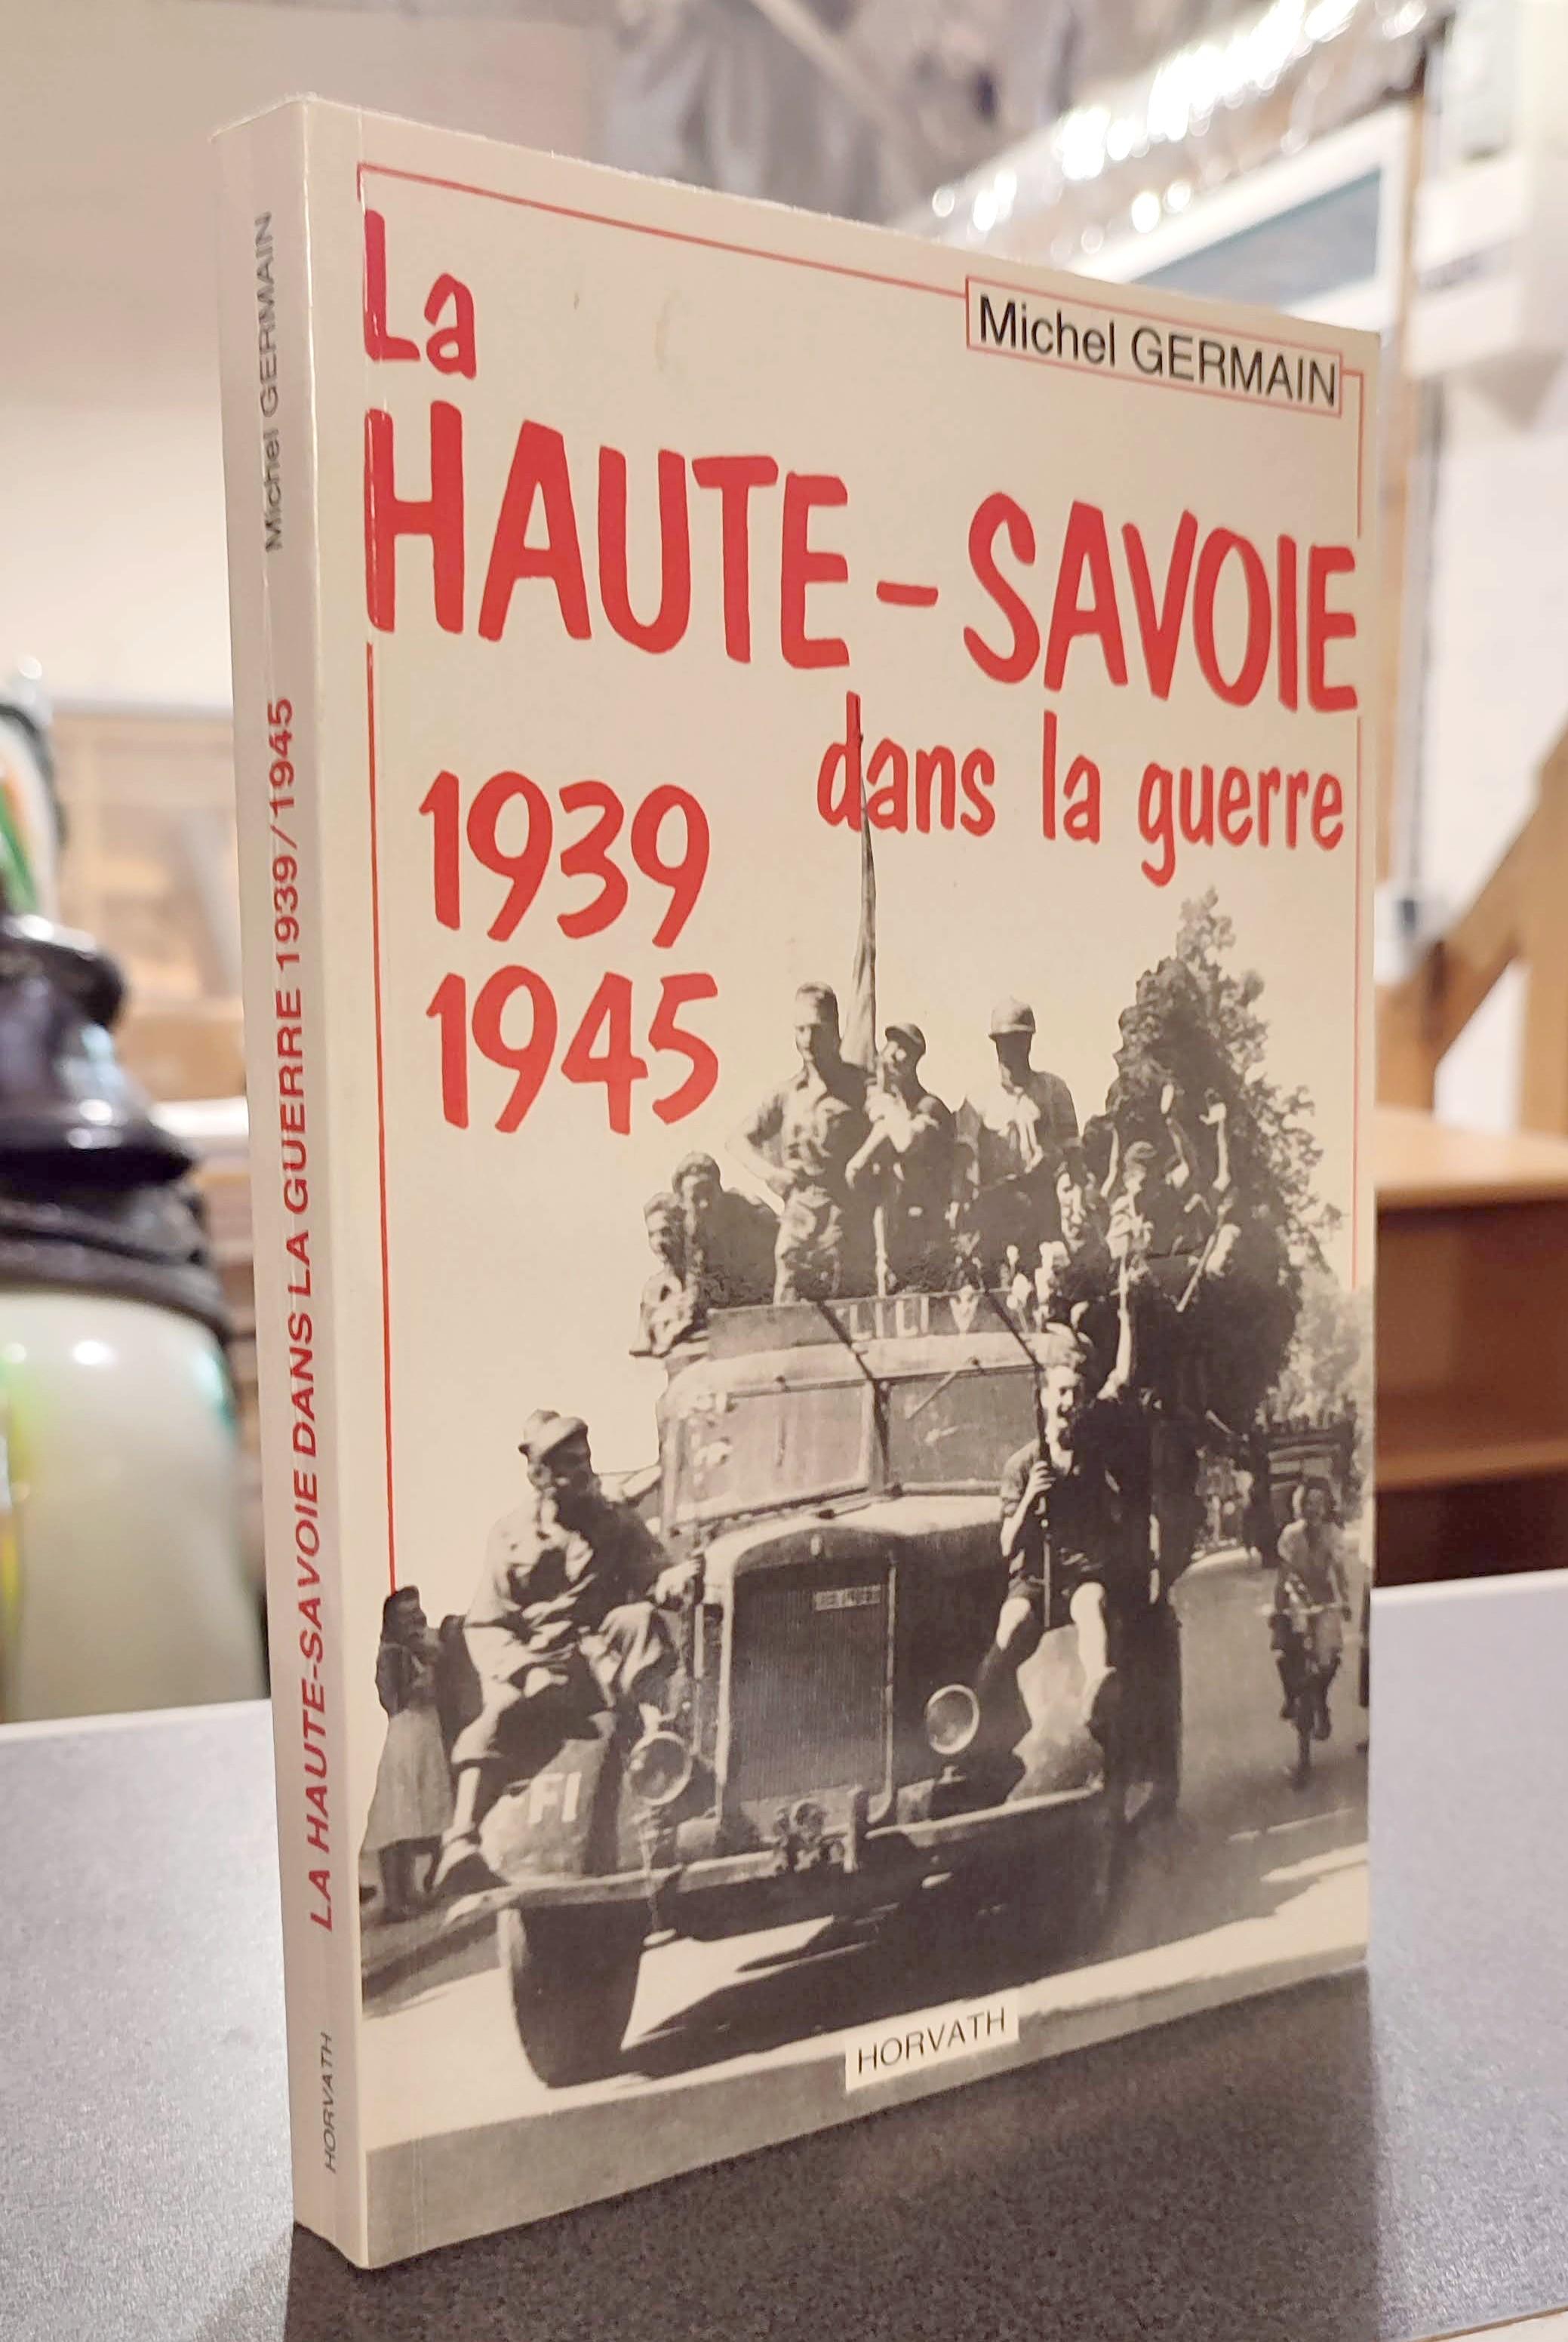 Livre ancien Savoie - La Haute-Savoie dans la guerre 1939-1945. La vie quotidienne sous l'occupation - Germain, Michel